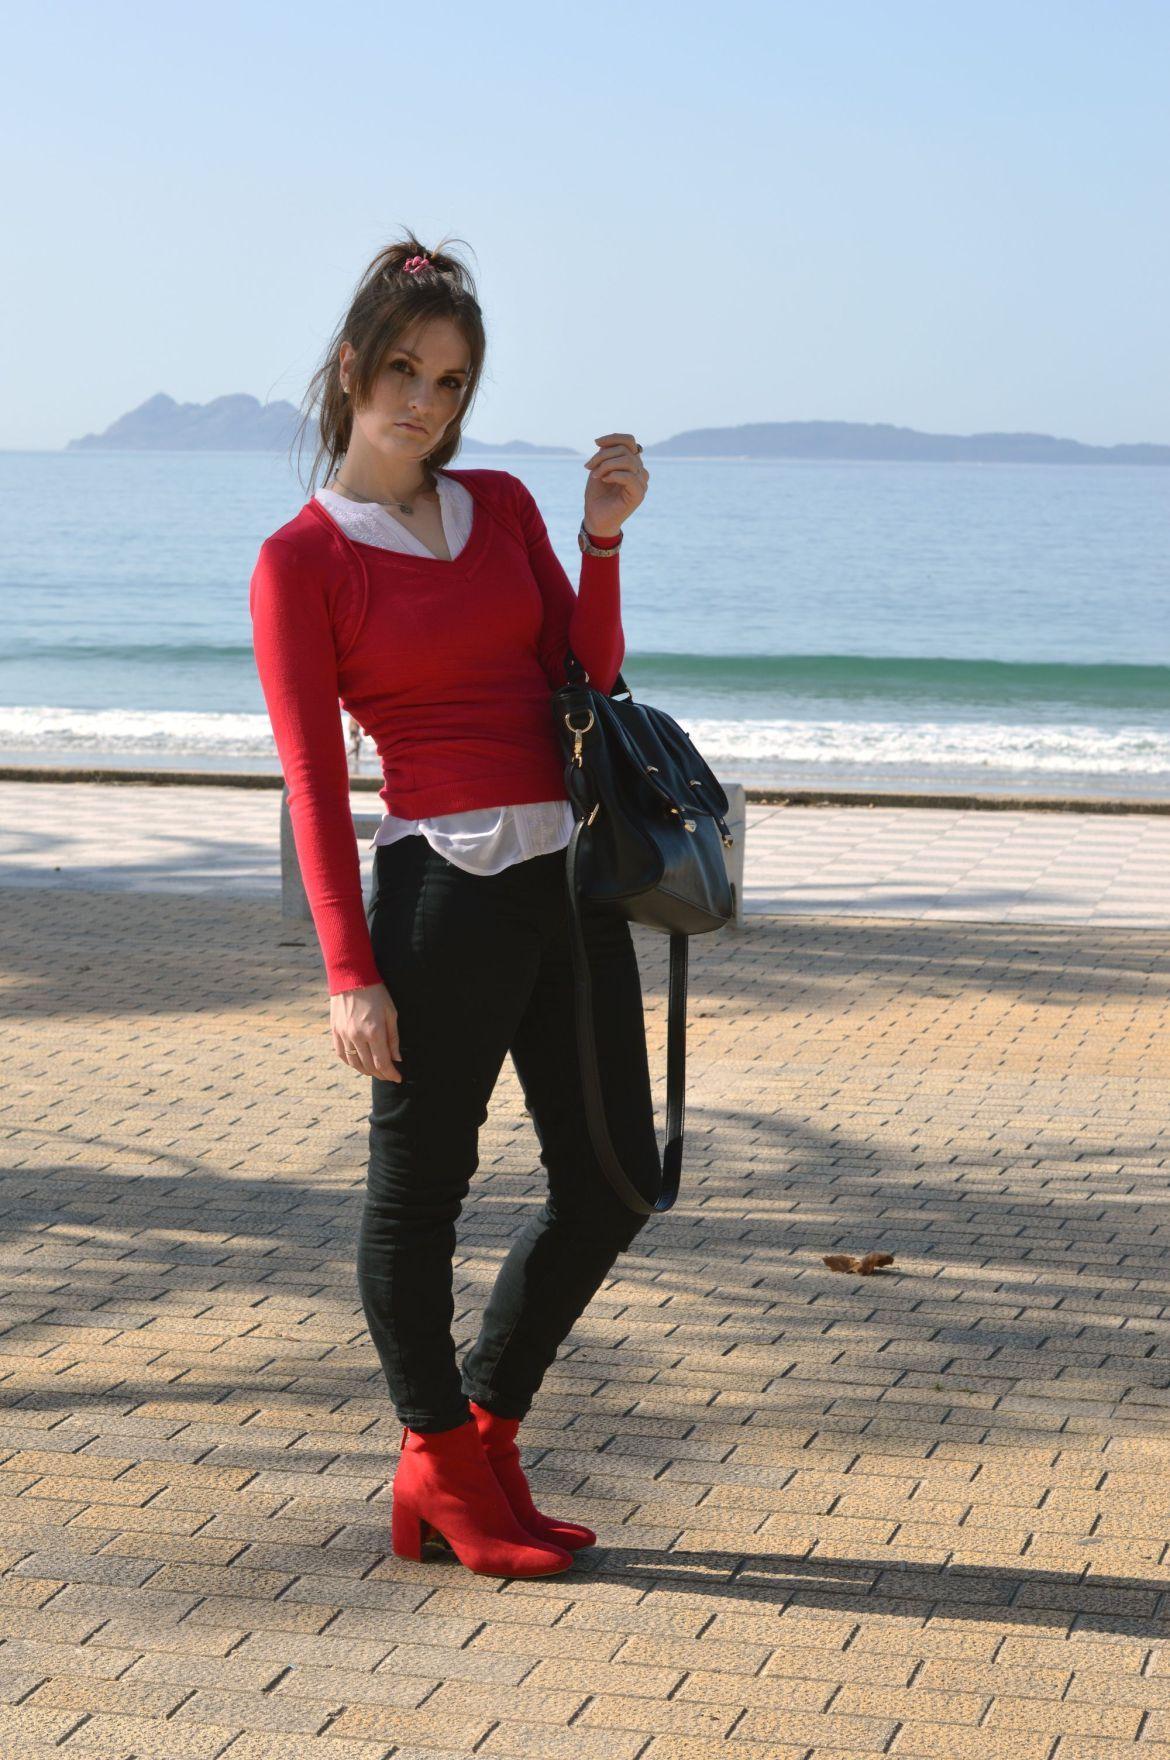 Para estrenar 100% de calidad zapatos de otoño De vuelta! | Outfits con zapatos rojos, Ropa y Botines rojos